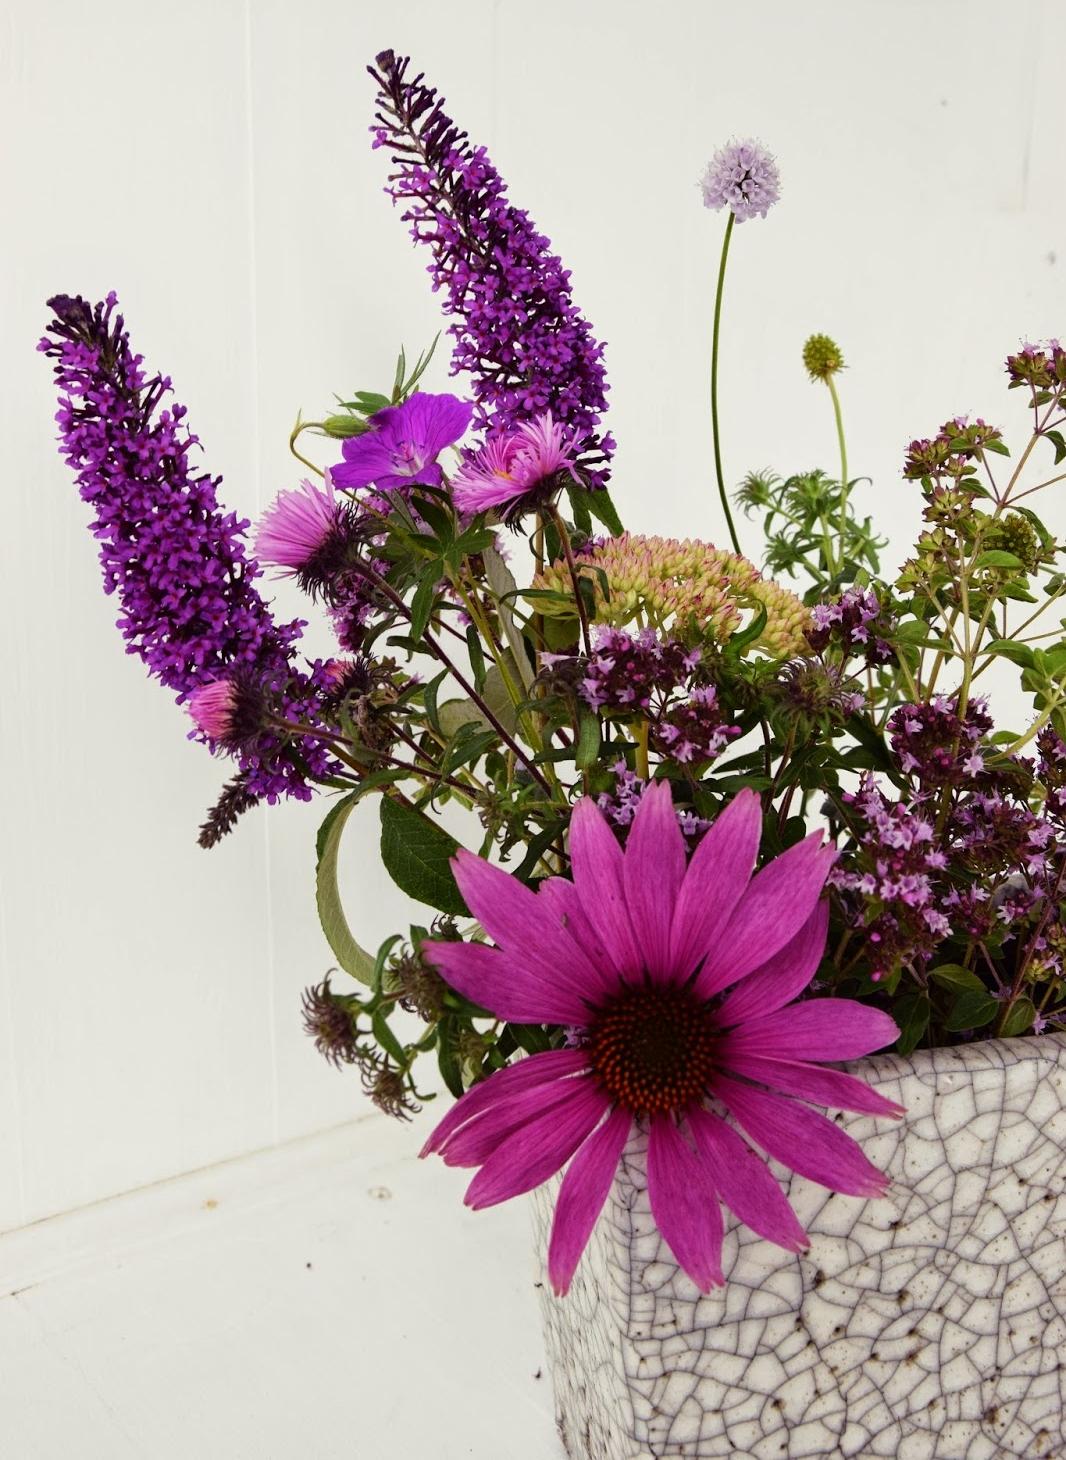 Mit Flieder kreativ gestalten, dekorieren und arrangieren. Tipps und Tricks. Flieder für den Garten